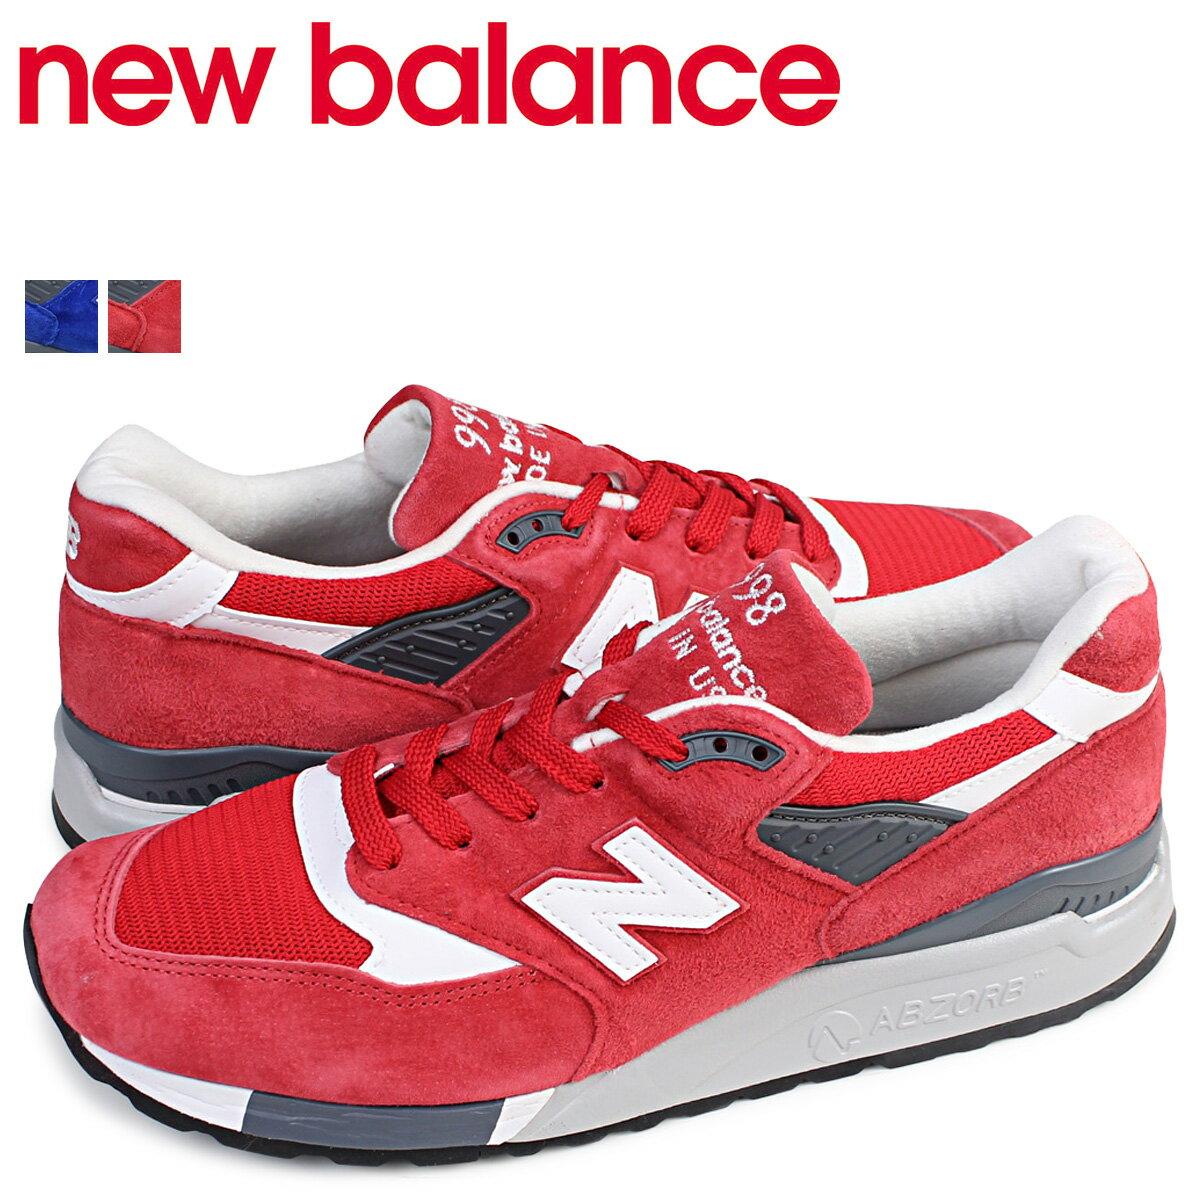 902d095929bad new balance 998 メンズ ニューバランス スニーカー M998CRD M998CBU Dワイズ 靴 レッド [175] 格安sale スタート